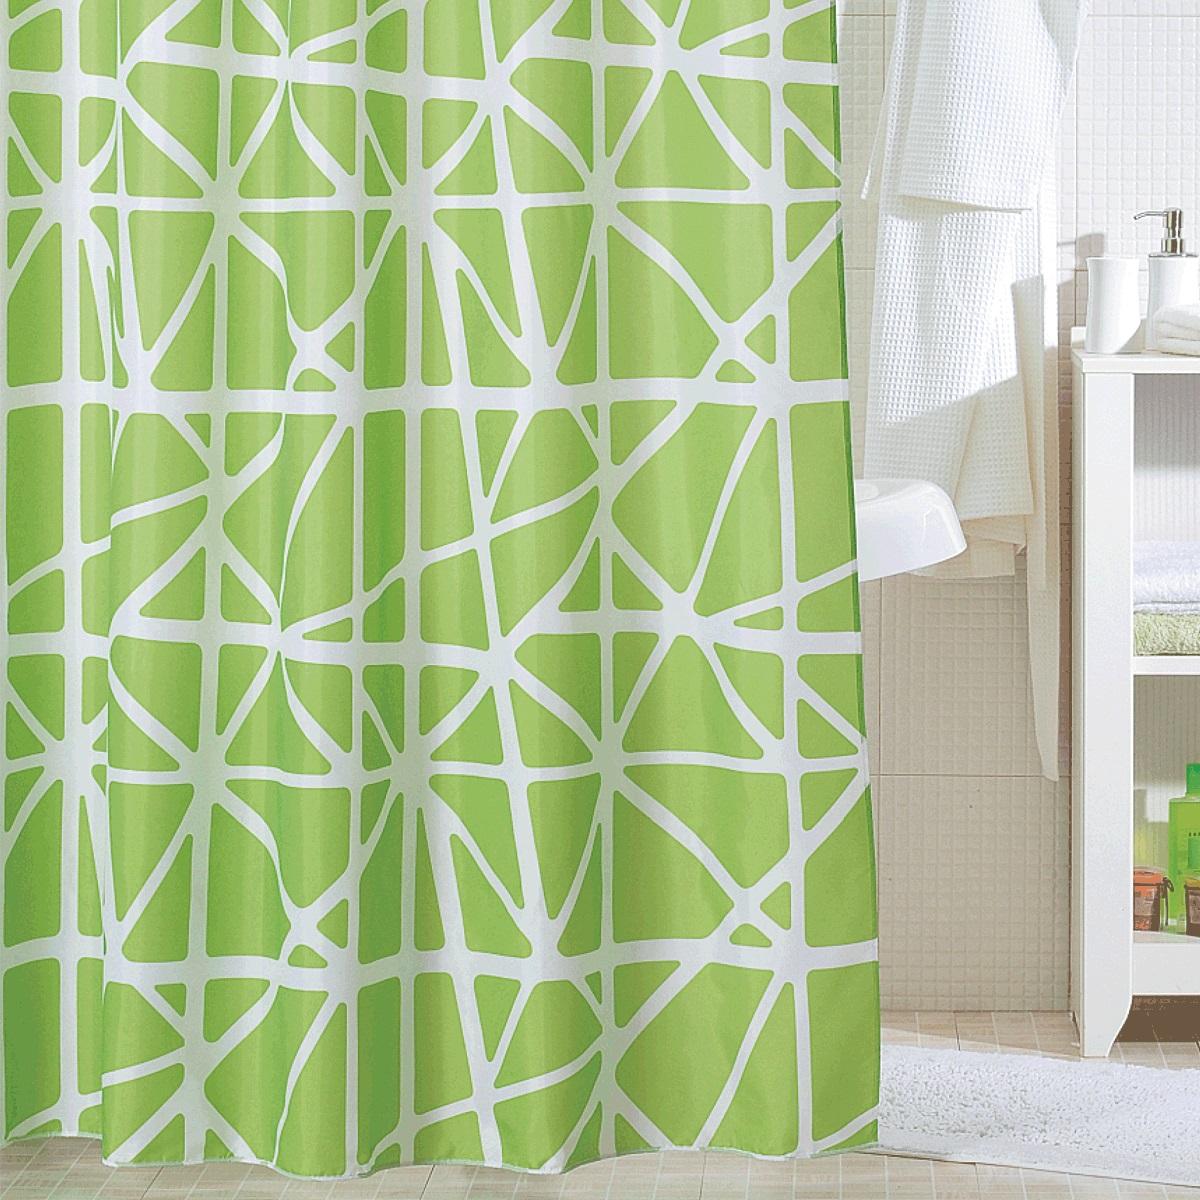 Штора для ванной Iddis Green Nest, цвет: зеленый, 200 x 200 см331P20RI11Штора для ванной комнаты Iddis выполнена из быстросохнущего материала - 100% полиэстера, что обеспечивает прочность изделия и легкость ухода за ним.Материал шторы пропитан специальным водоотталкивающим составом Waterprof.Изделие изготовлено из экологически-чистого материала, оно обладает высокой степенью гигиеничности, не вызывает аллергических реакций.Штора имеет 12 металлических люверсов. В комплекте: штора и кольца.